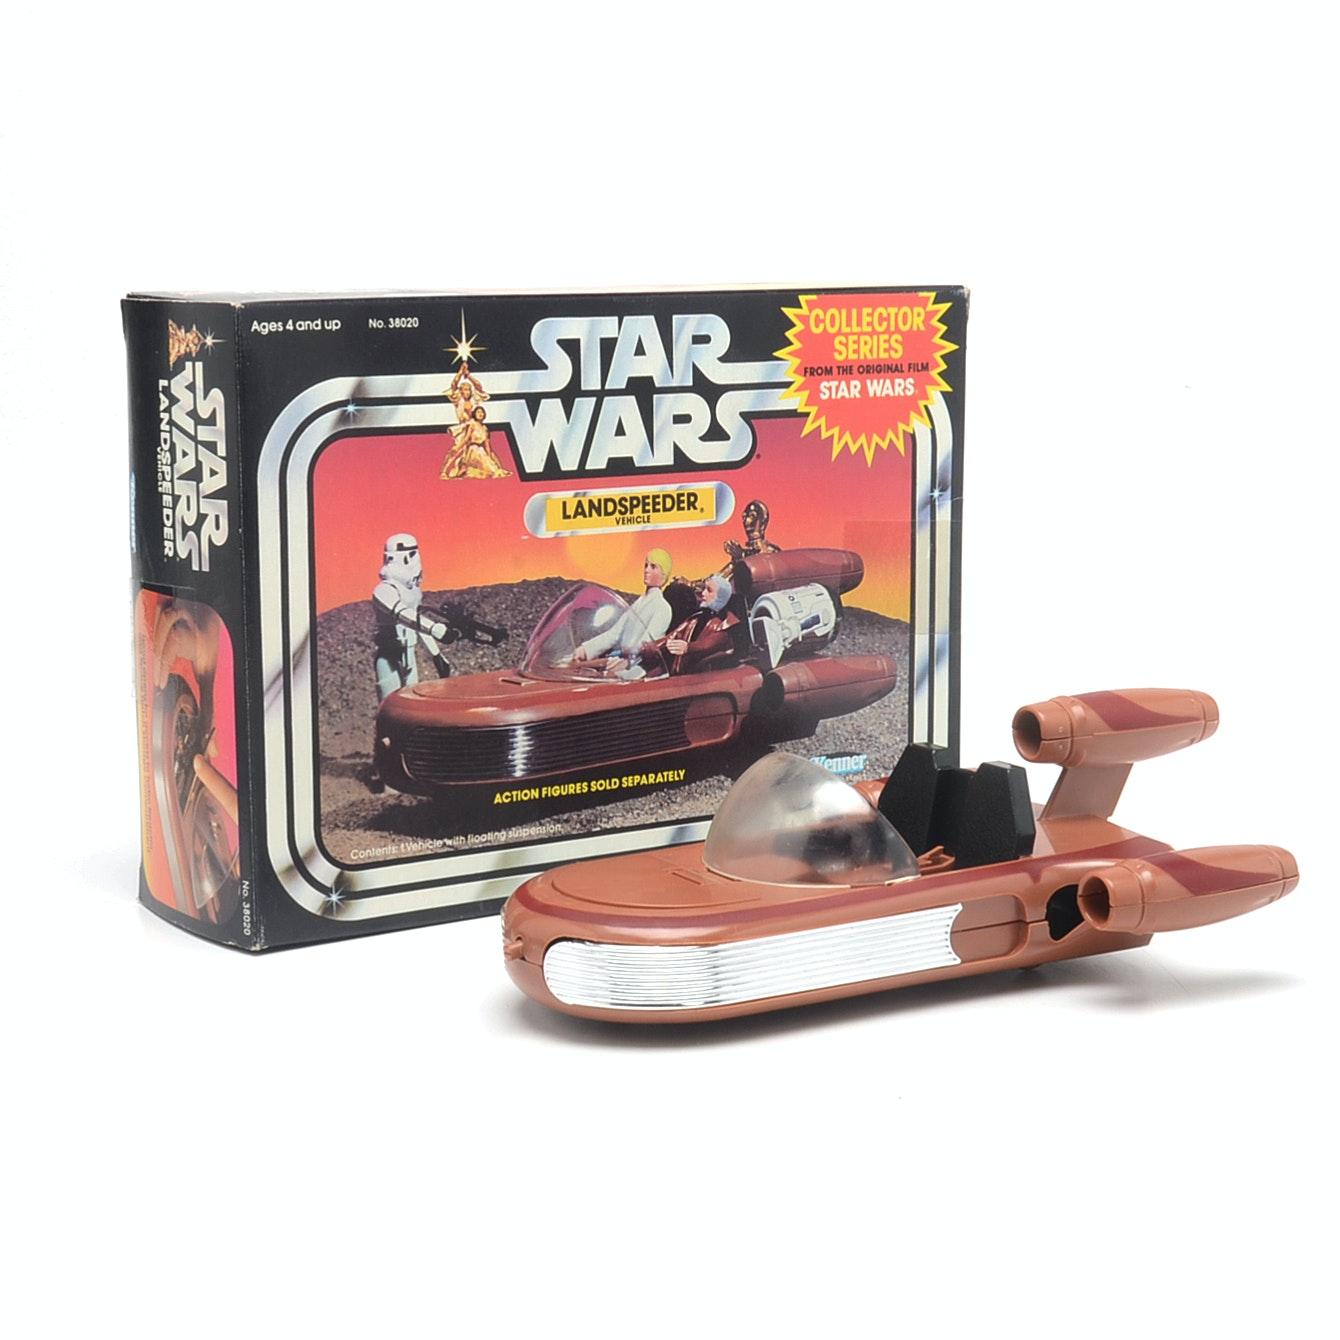 1983 Star Wars Landspeeder Vehicle Toy